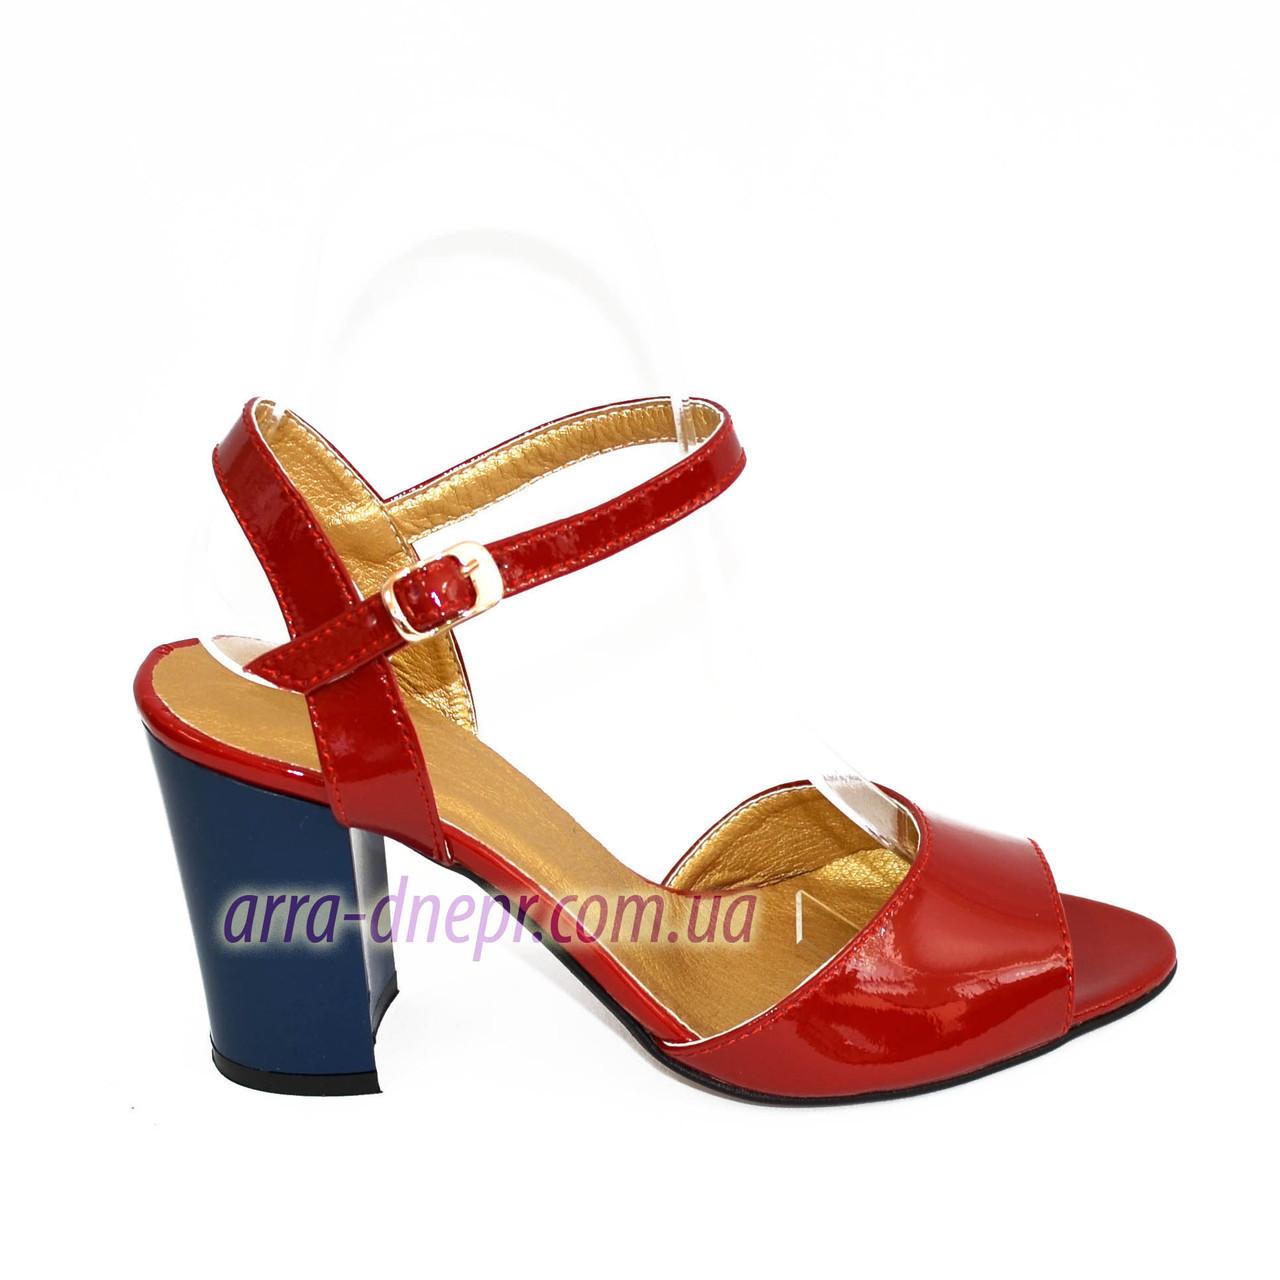 Женские лаковые босоножки на устойчивом каблуке, цвет красный